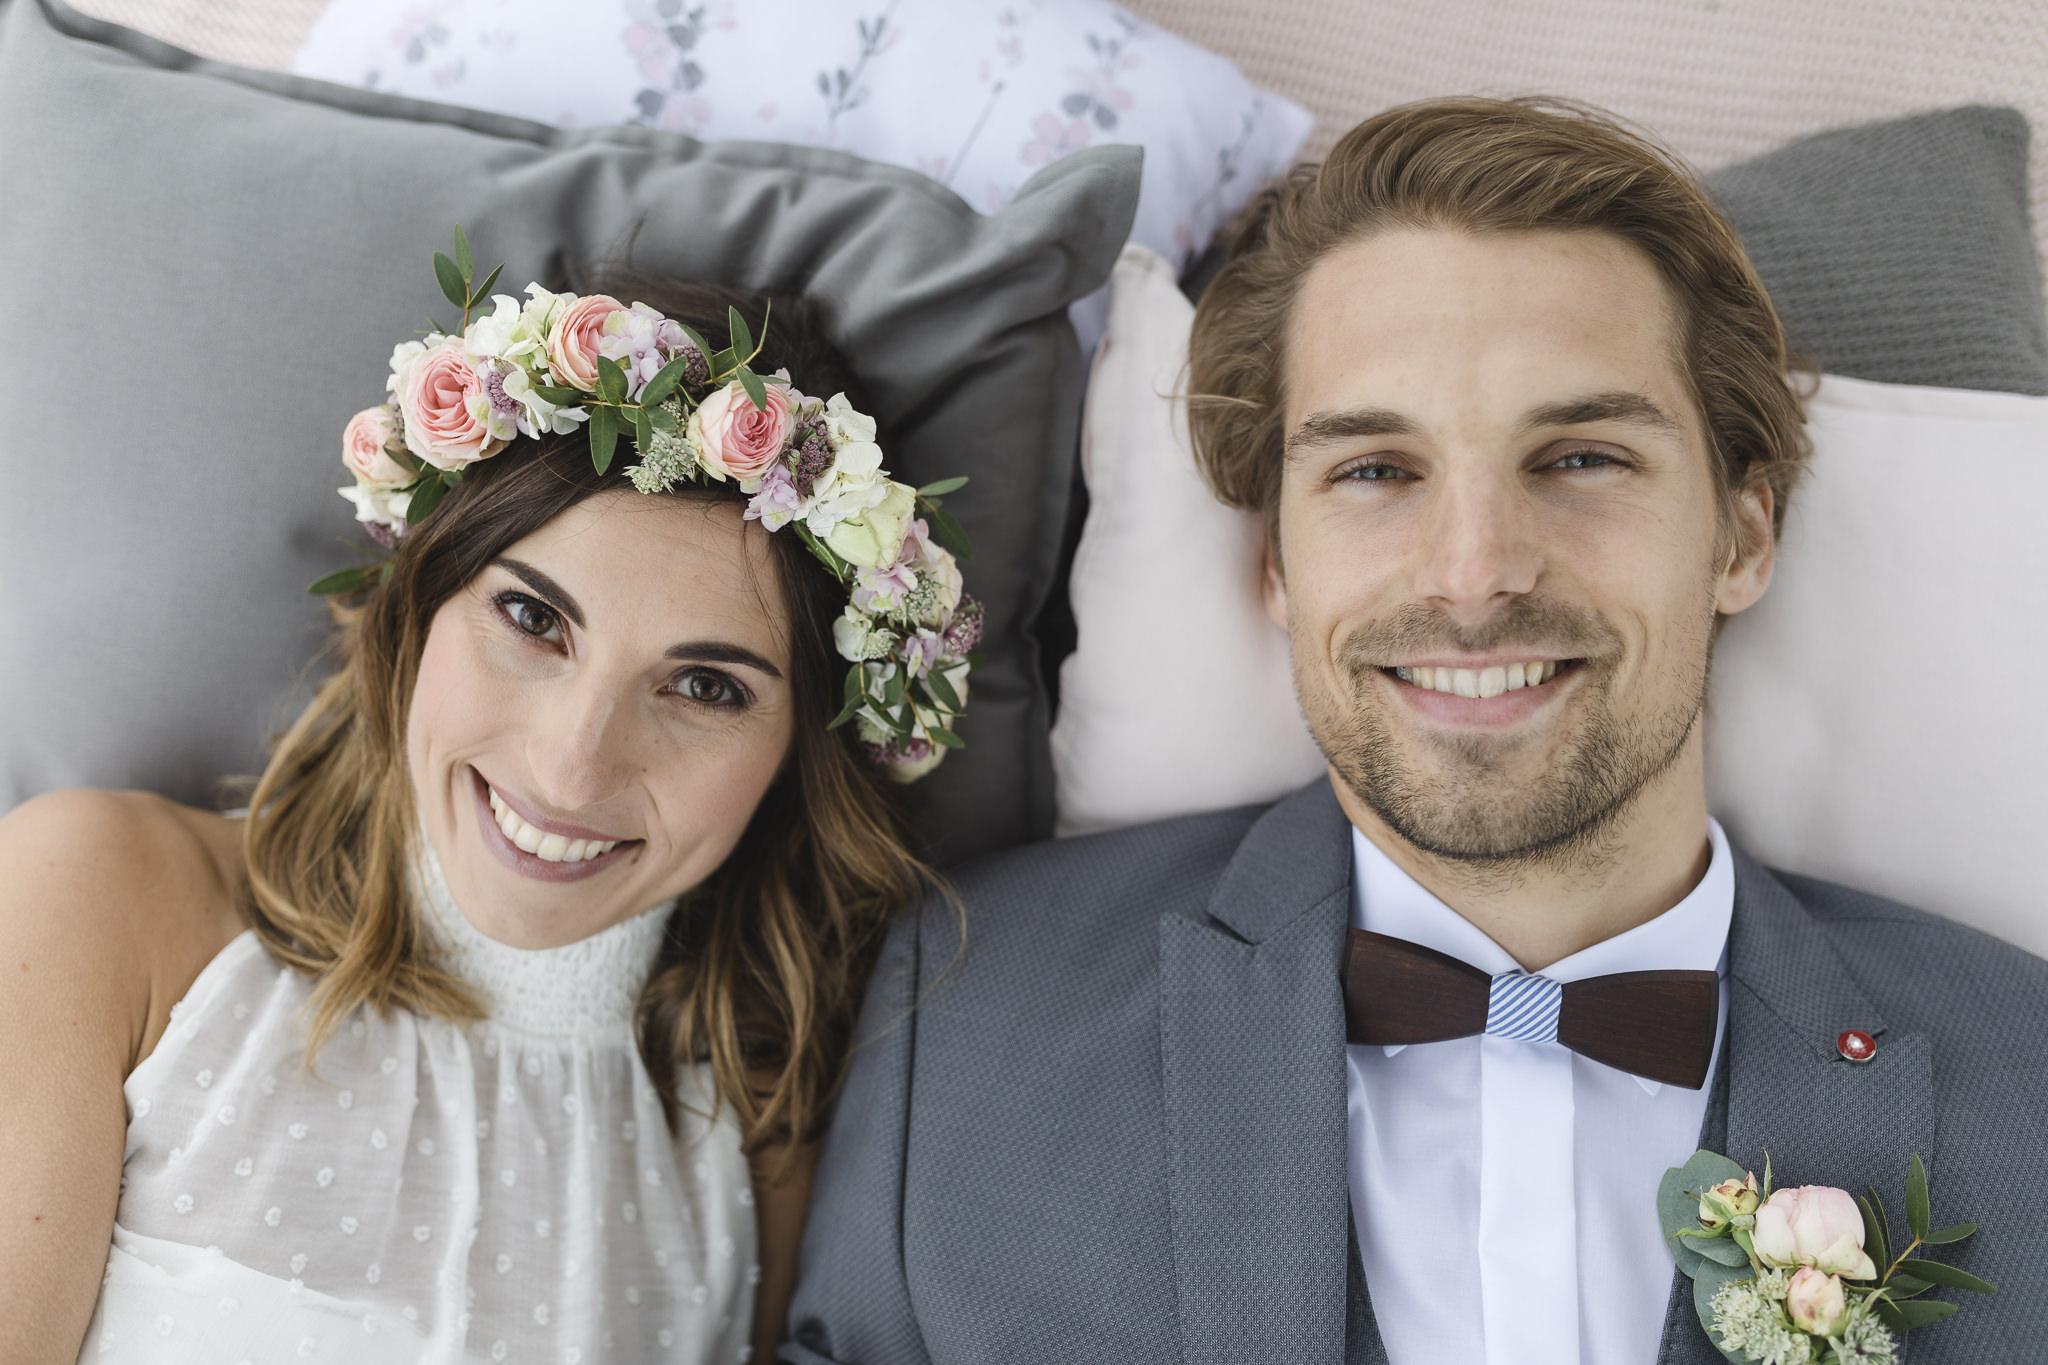 Hochzeitsinspirationen - Brautpaar liegt auf einer Decke und lacht in die Kamera